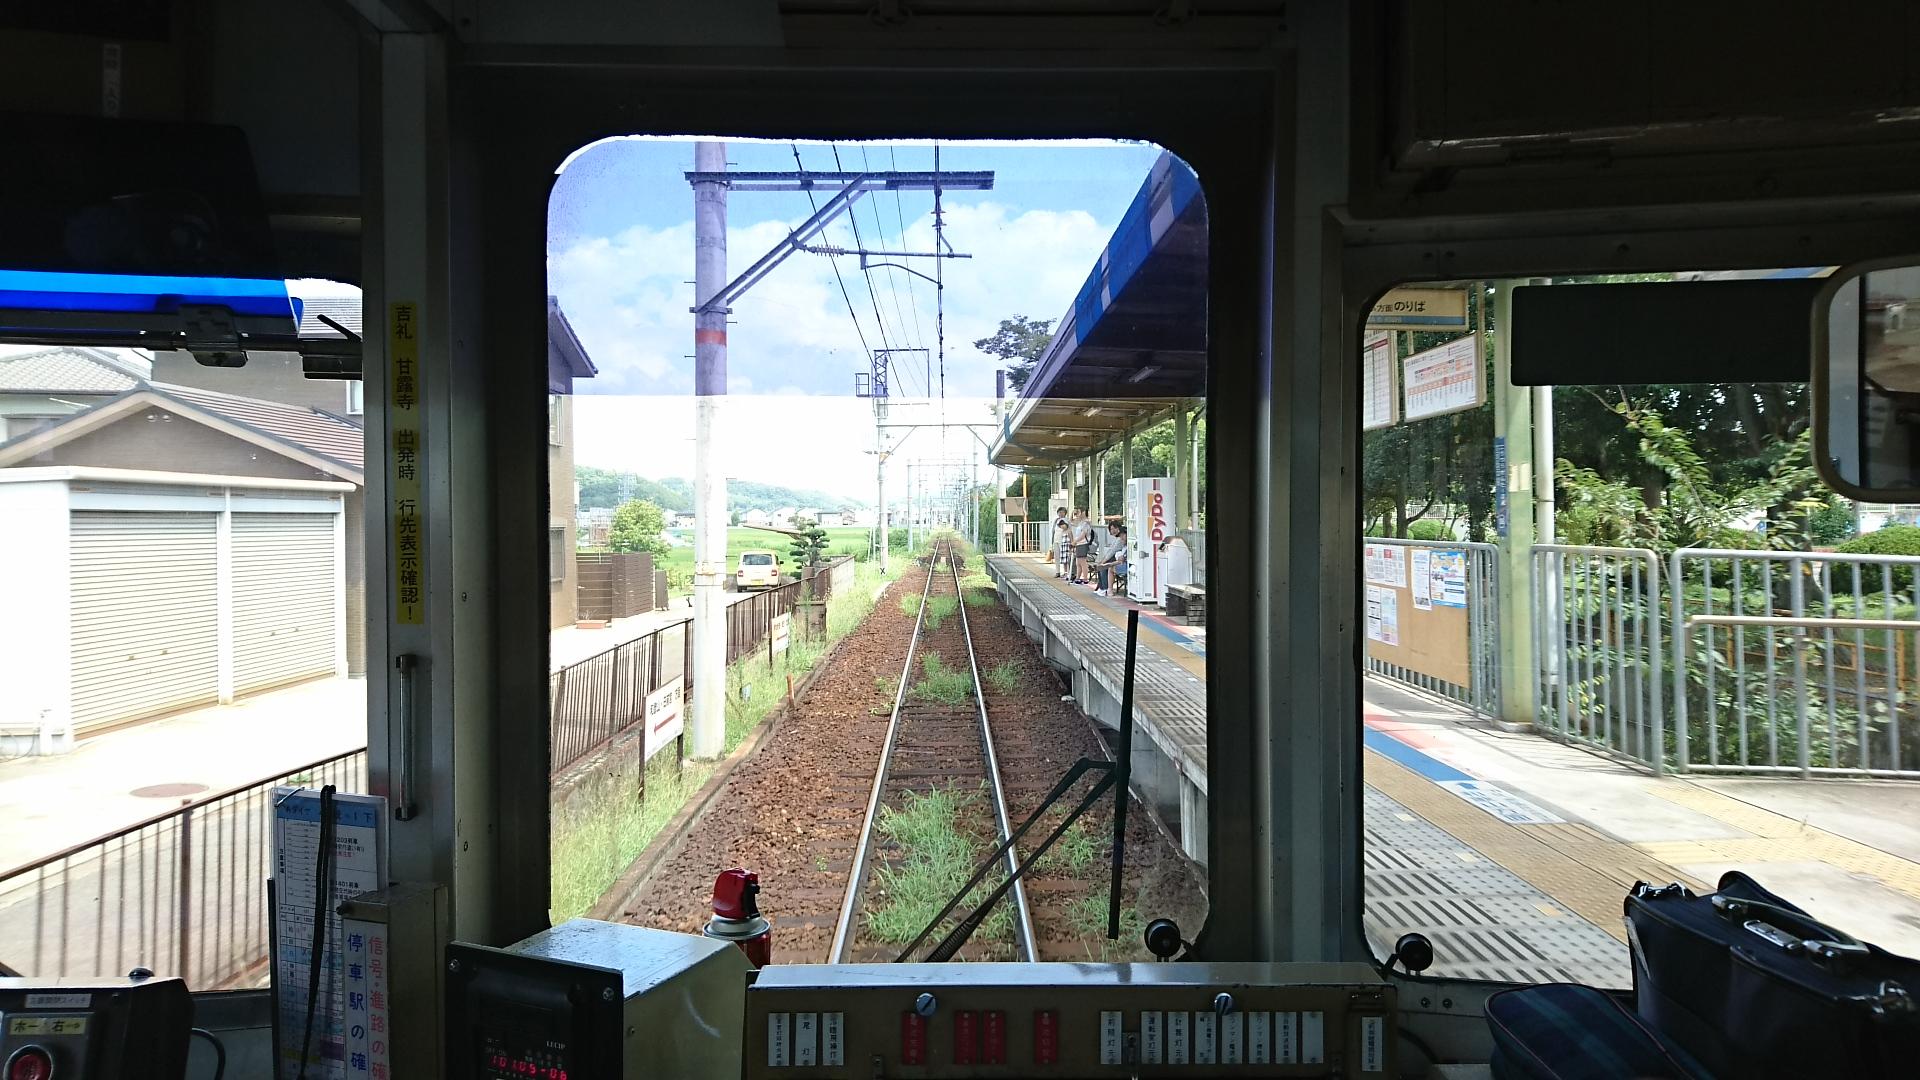 2017.8.17 たま電車 (21) 貴志いきふつう - 交通センター前 1920-1080